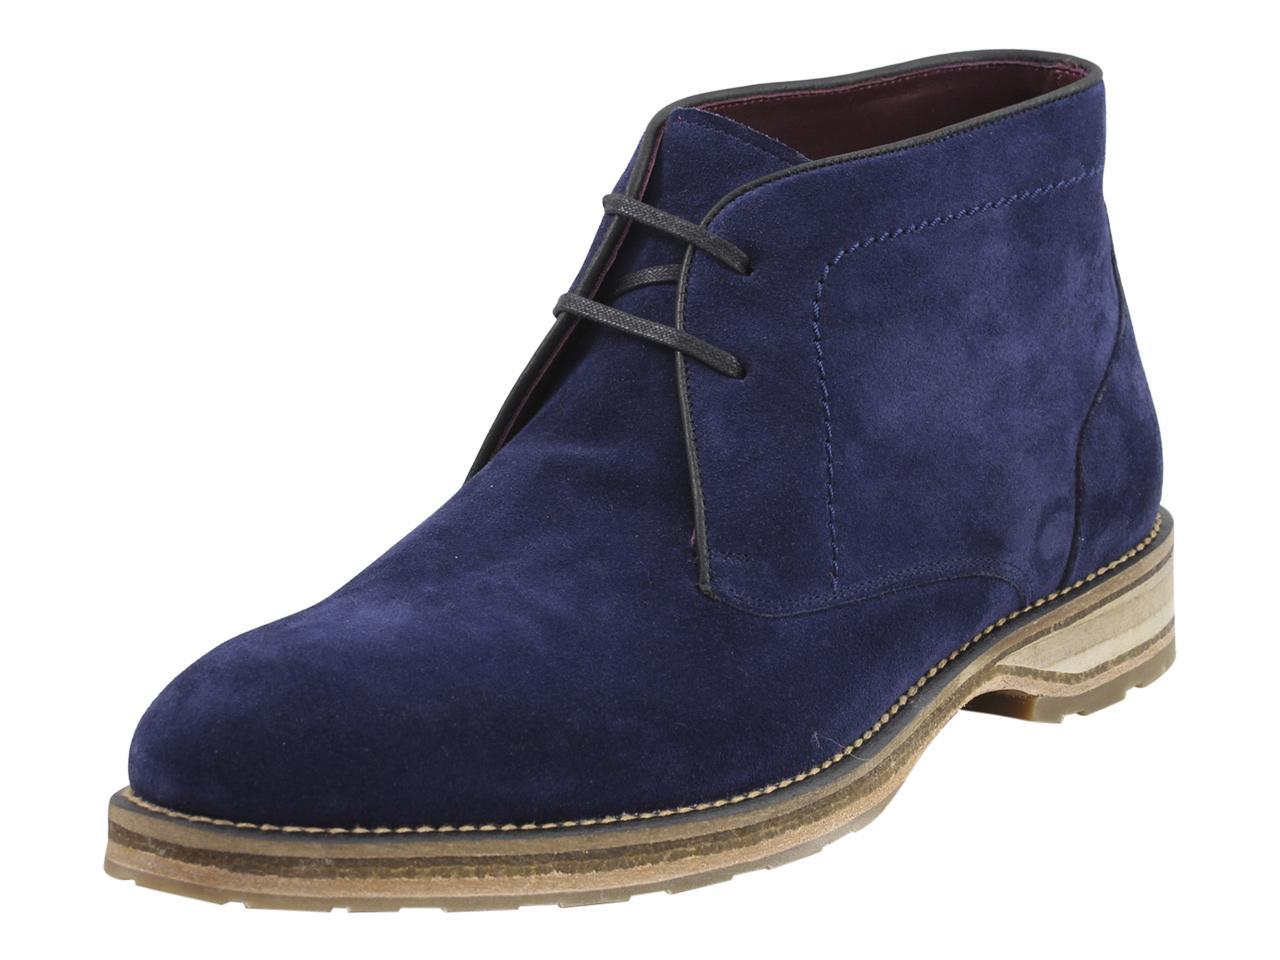 Image of Mezlan Men's Dalias Chukka Boots Shoes - Blue - 13 D(M) US